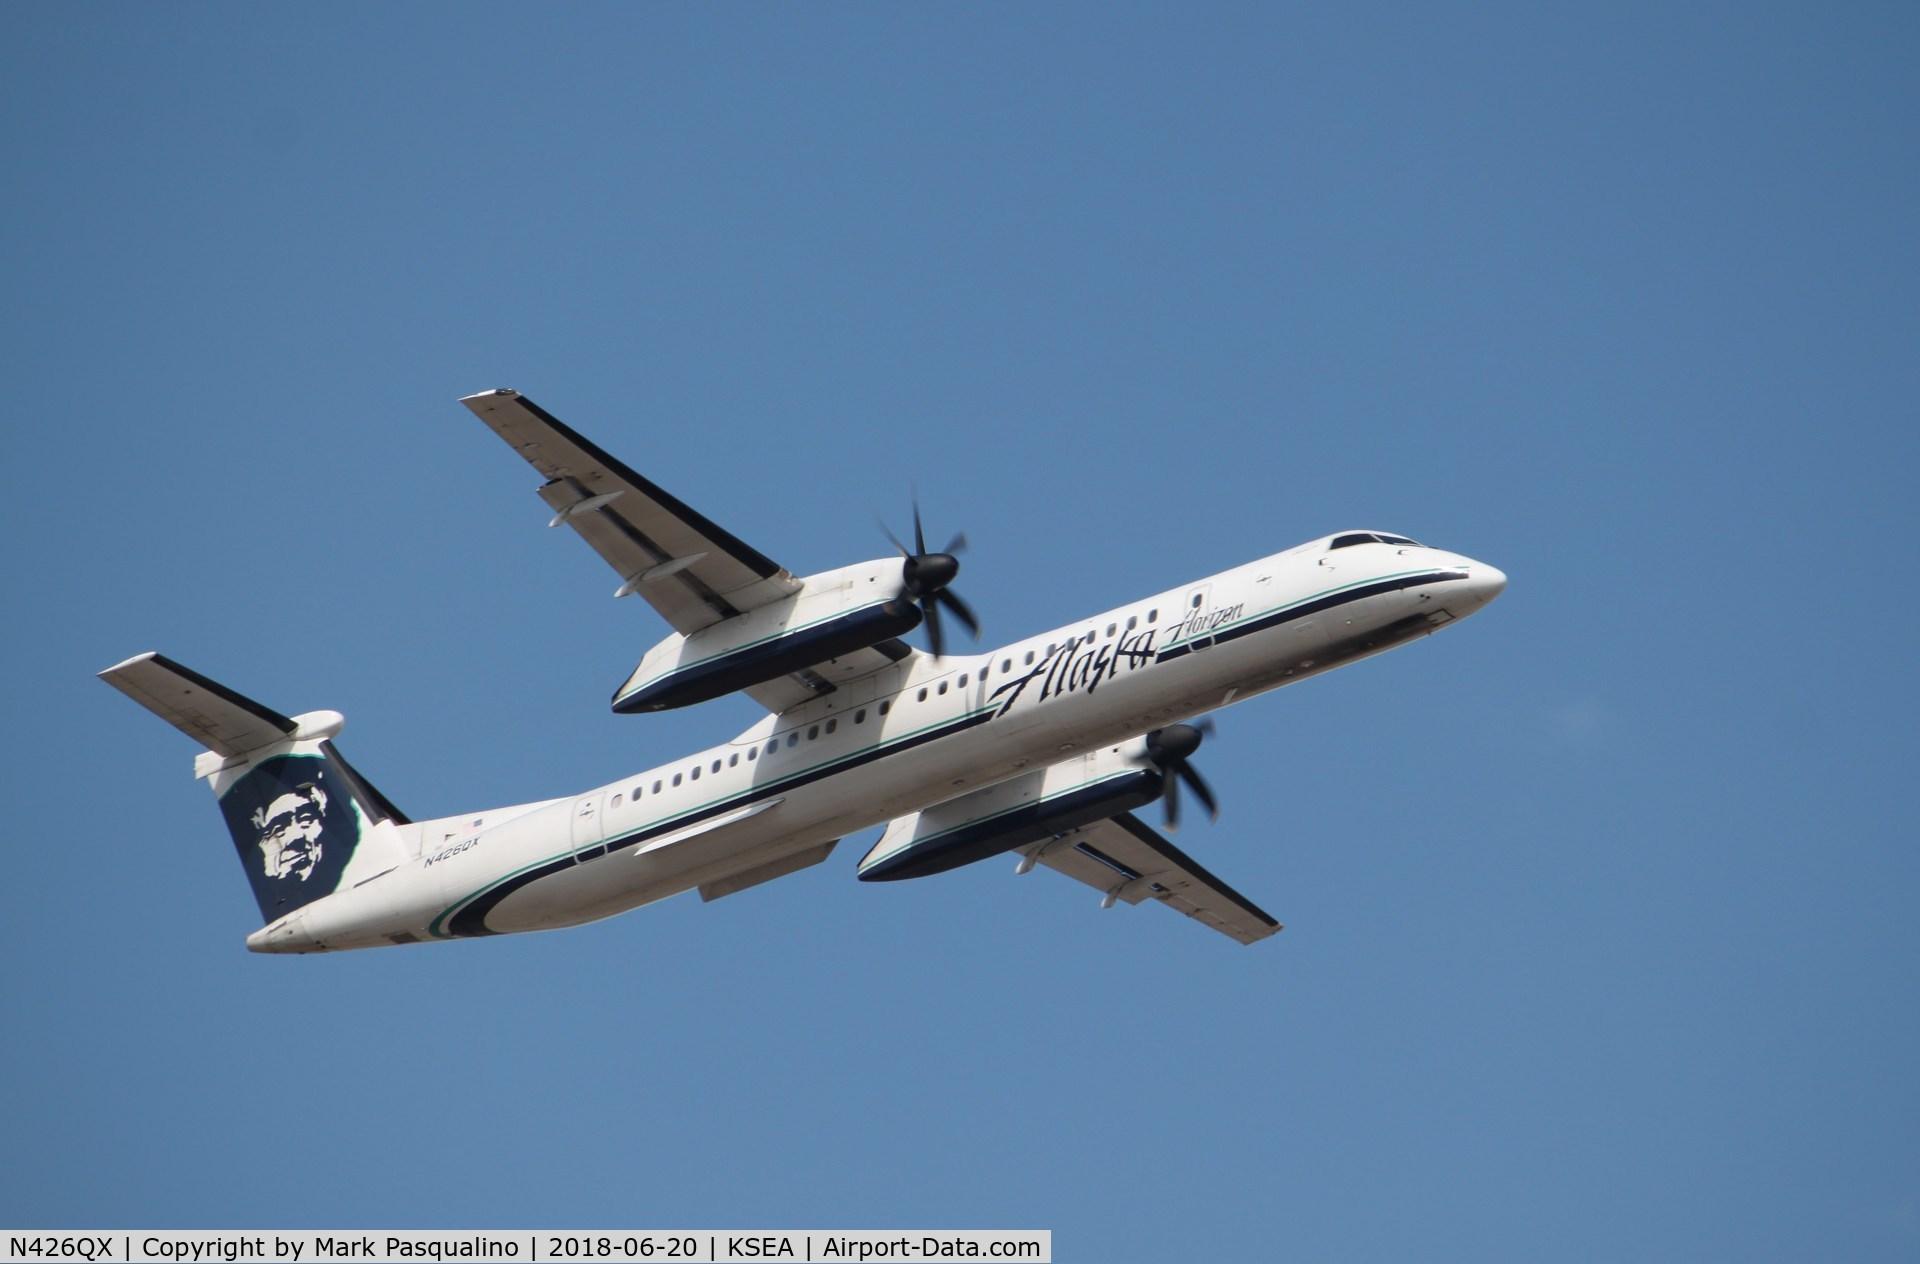 N426QX, 2007 Bombardier DHC-8-402 Dash 8 C/N 4154, DHC-8-402